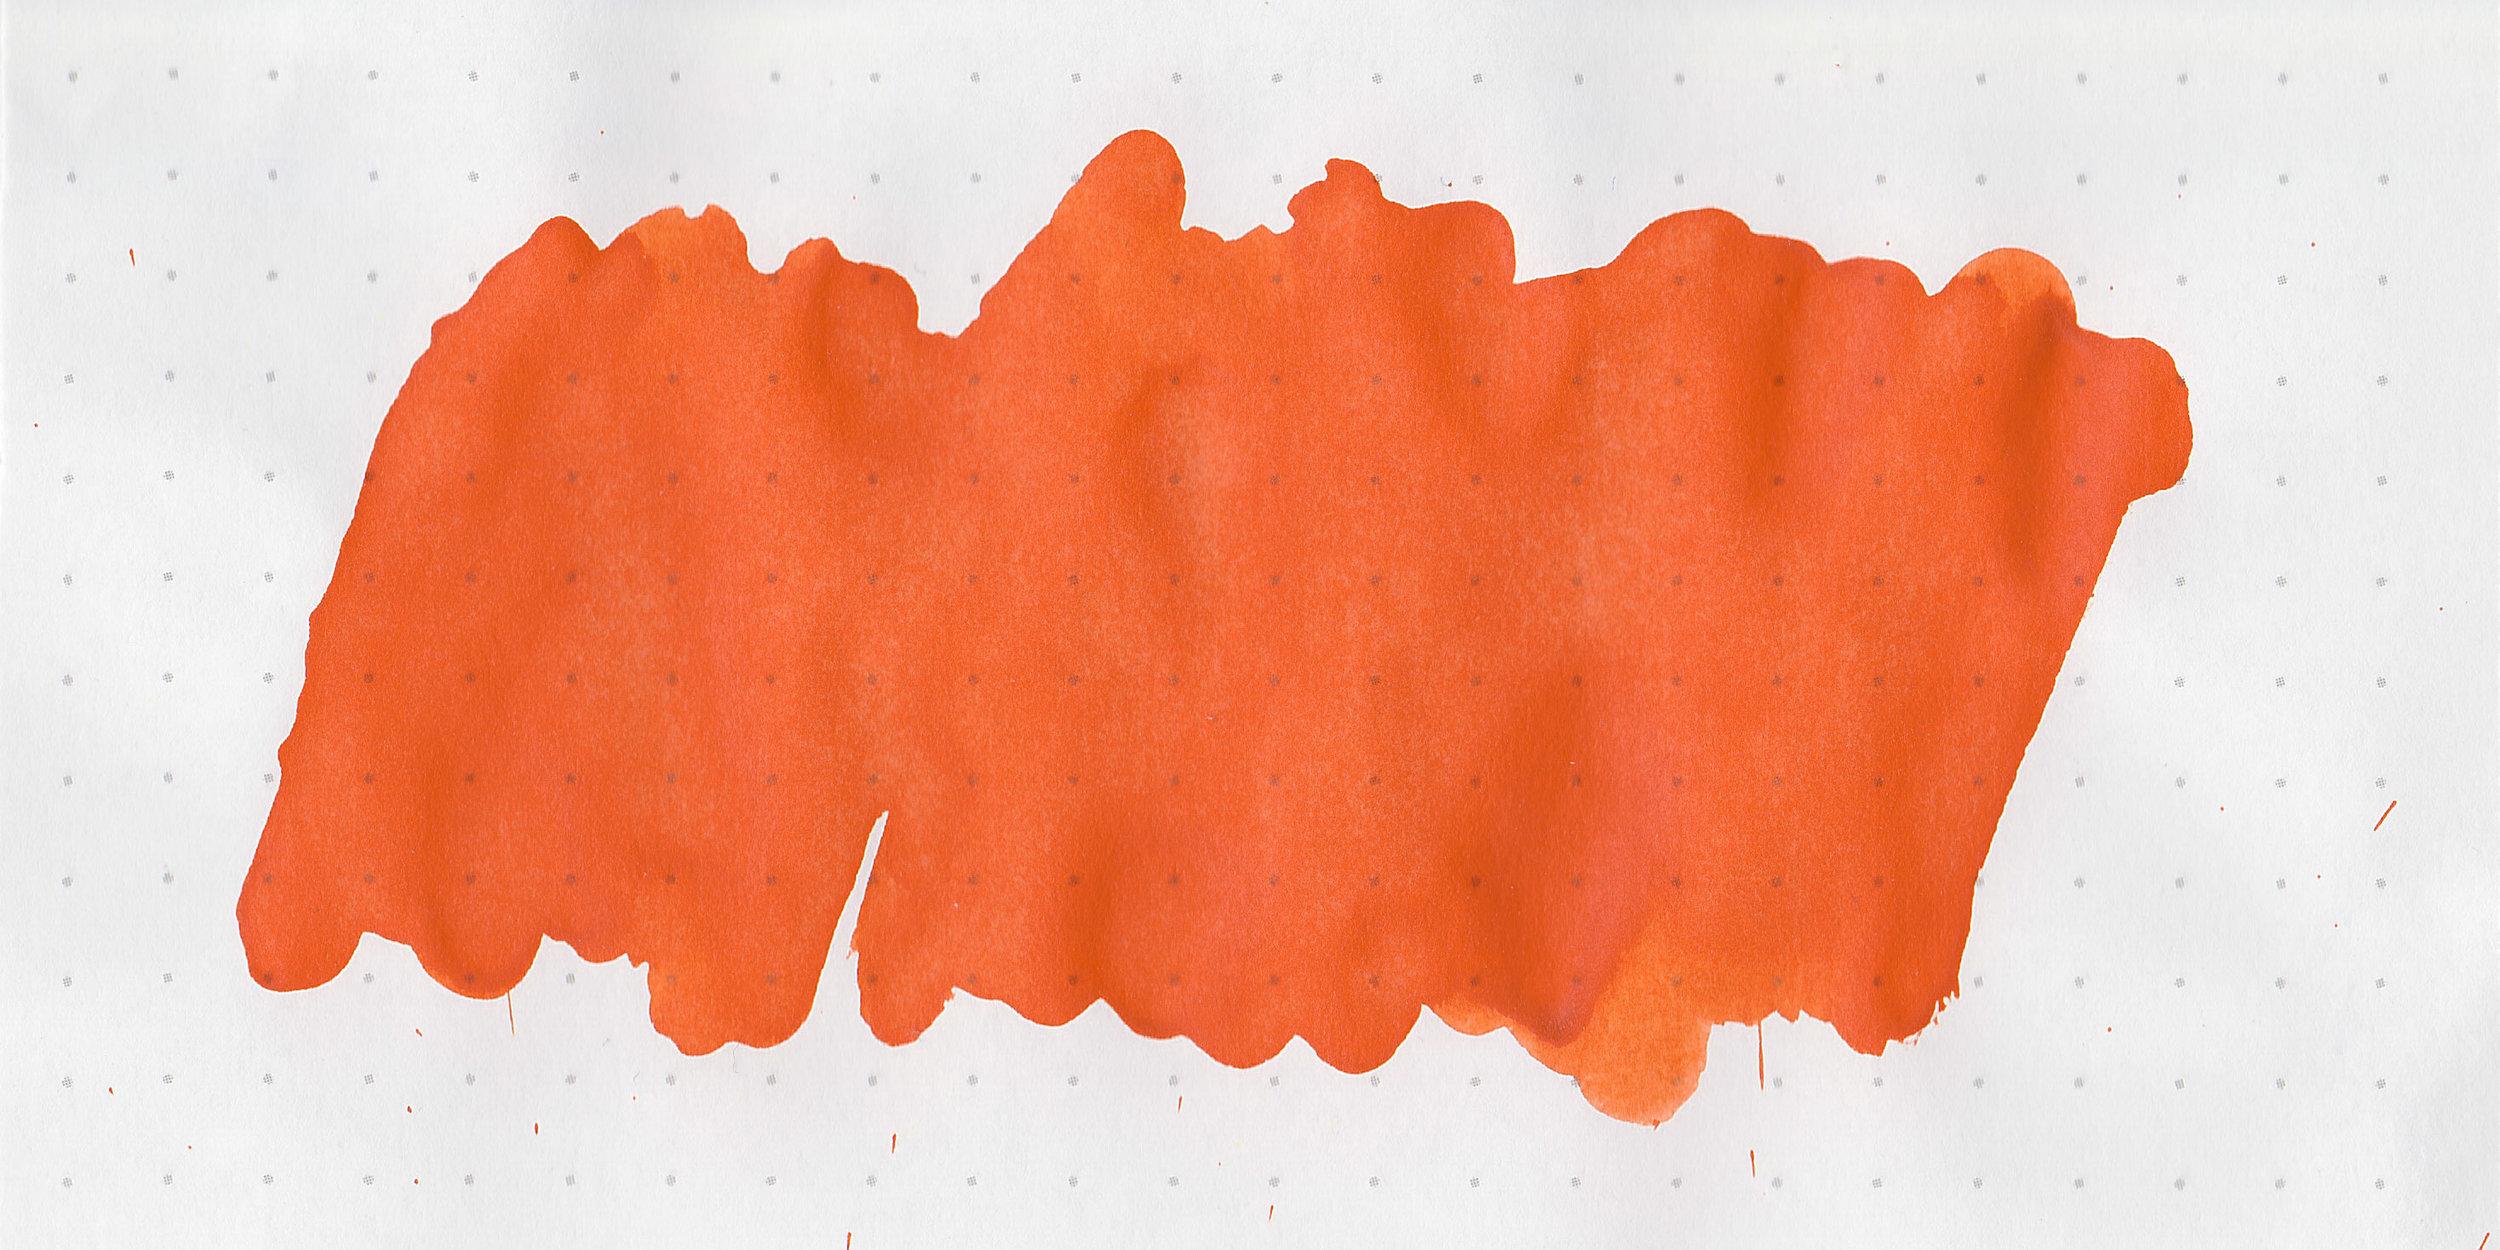 tac-daida-orange-3.jpg